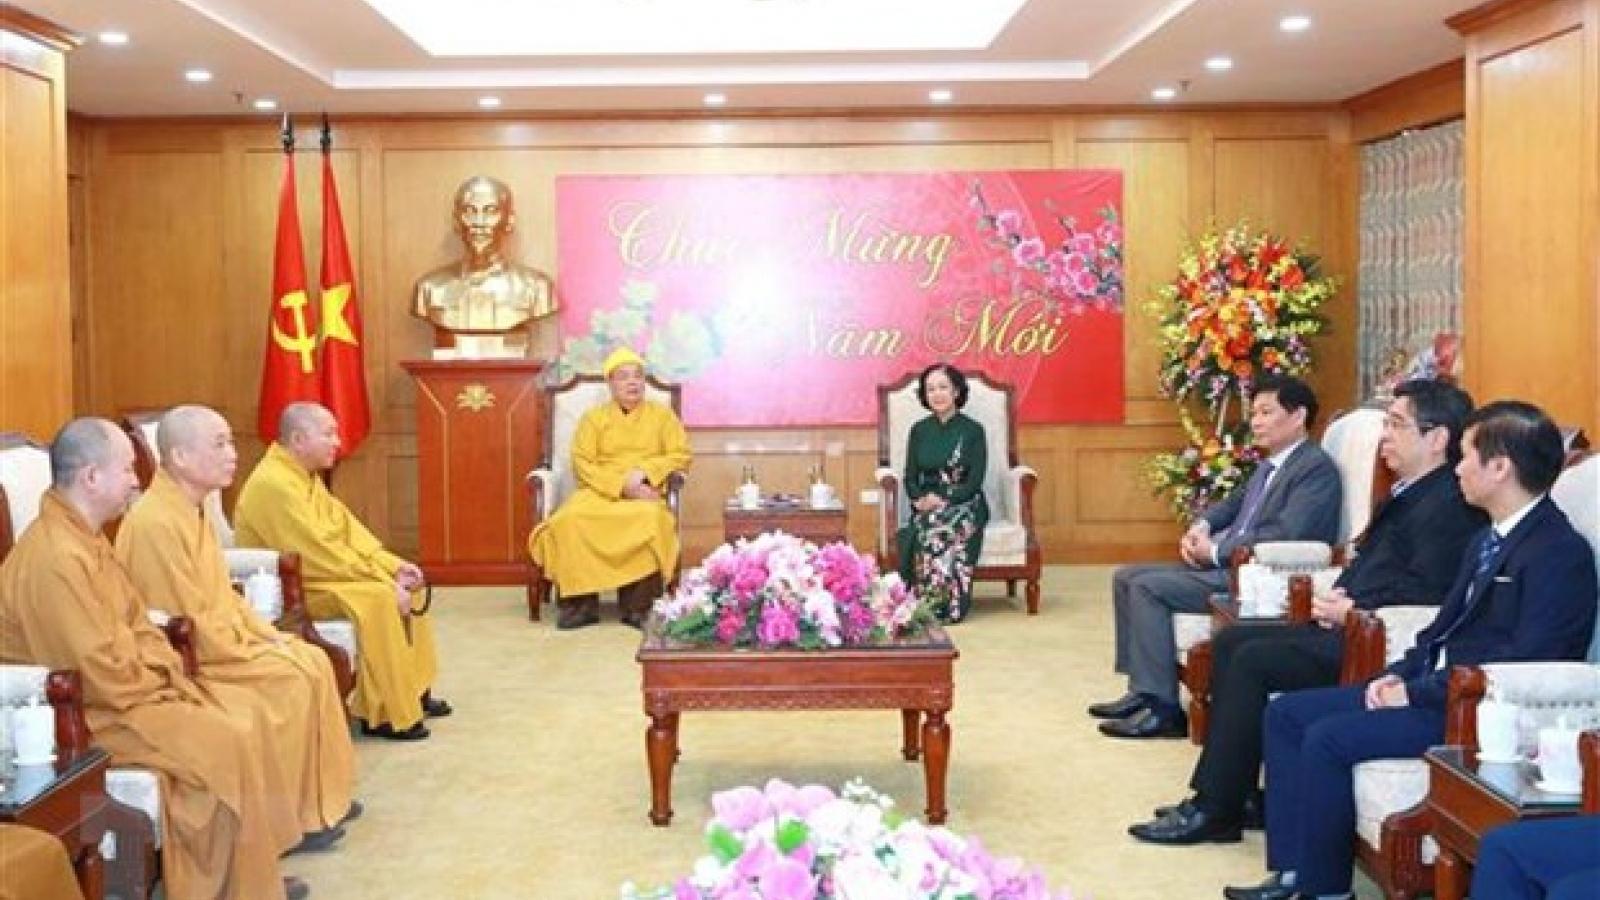 Bà Trương Thi Mai tiếp đoàn đại biểu Công giáo, Phật giáo nhân dịp Tết cổ truyền